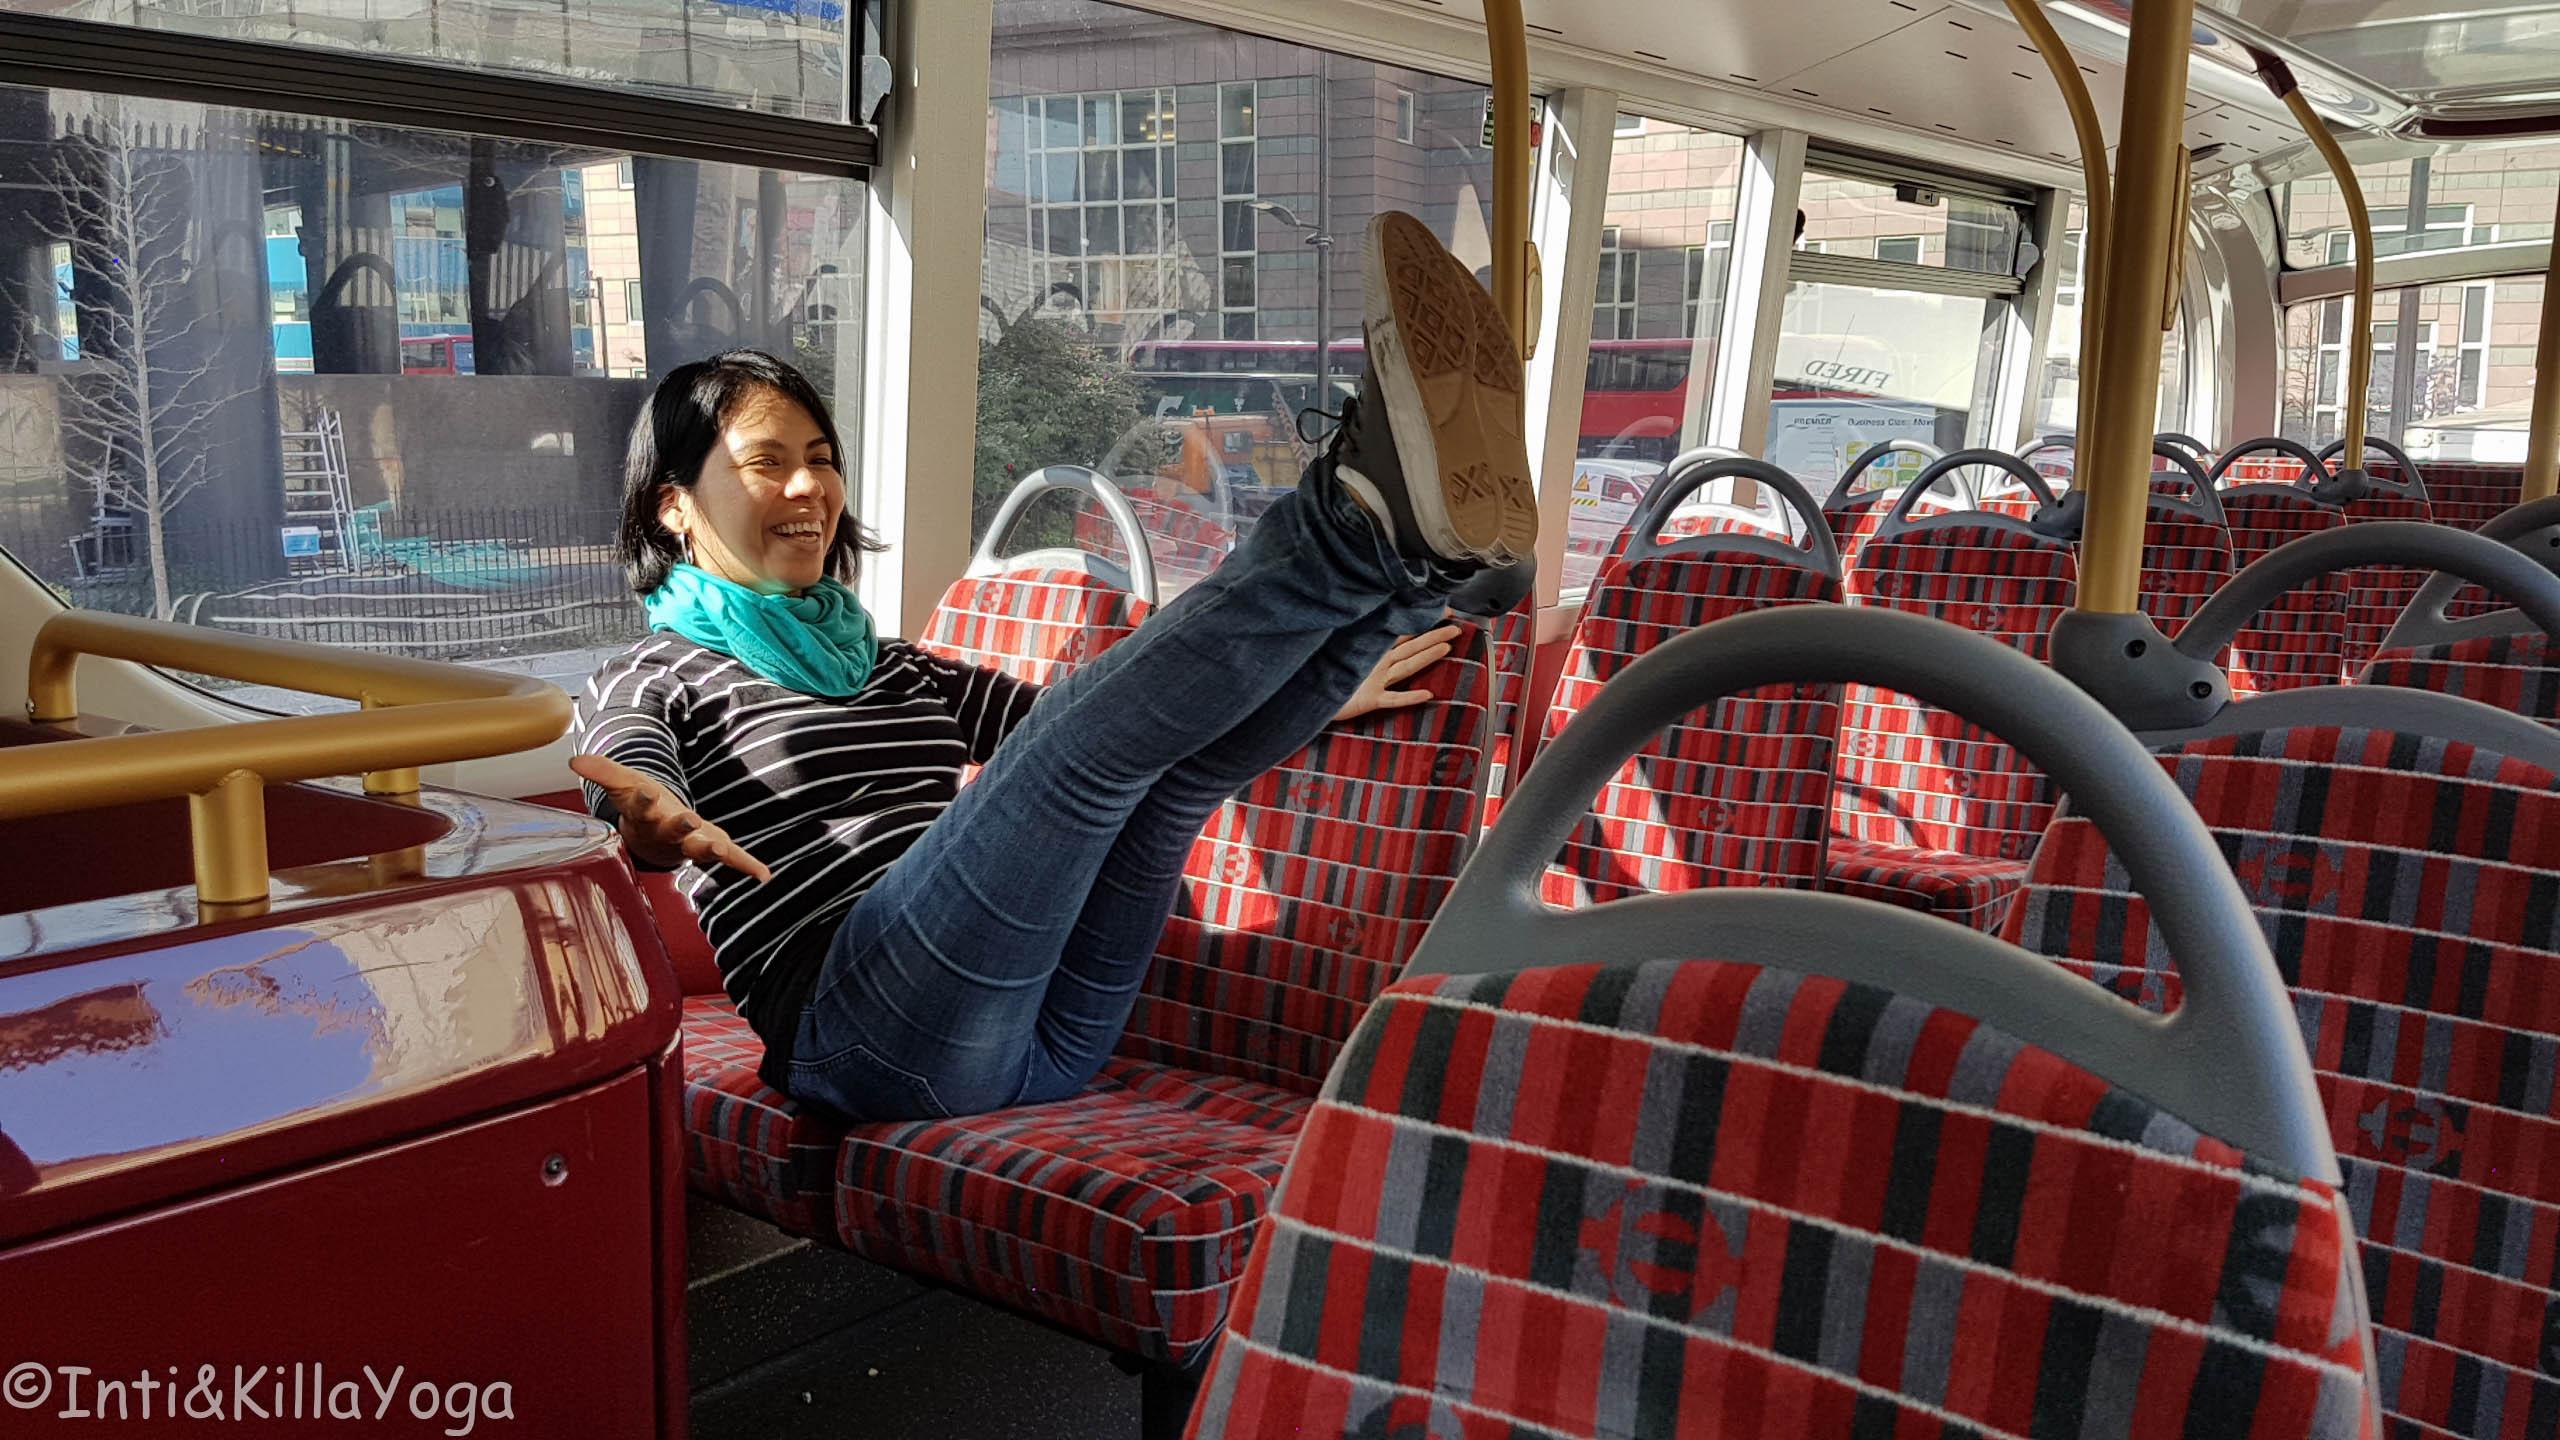 en bus en Londres , Inglaterra